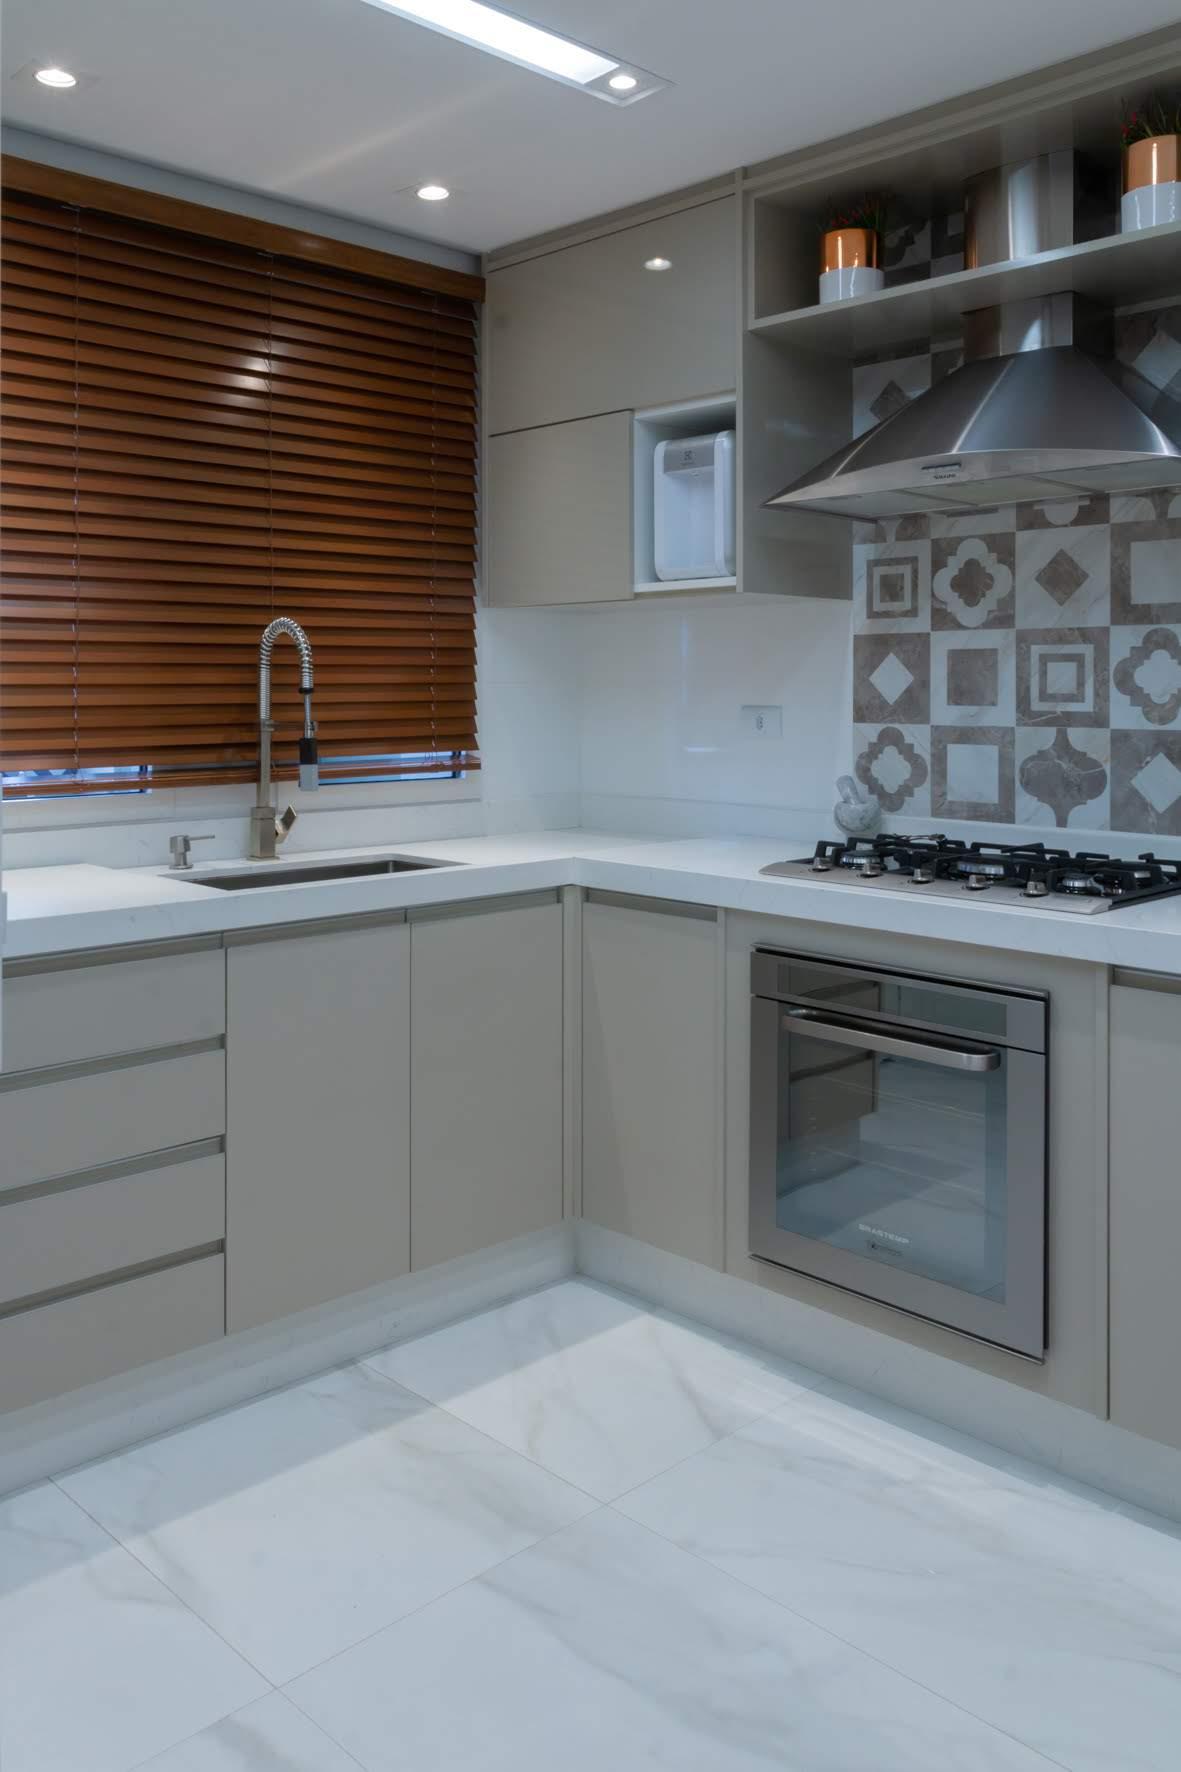 2 - Cozinha (4)